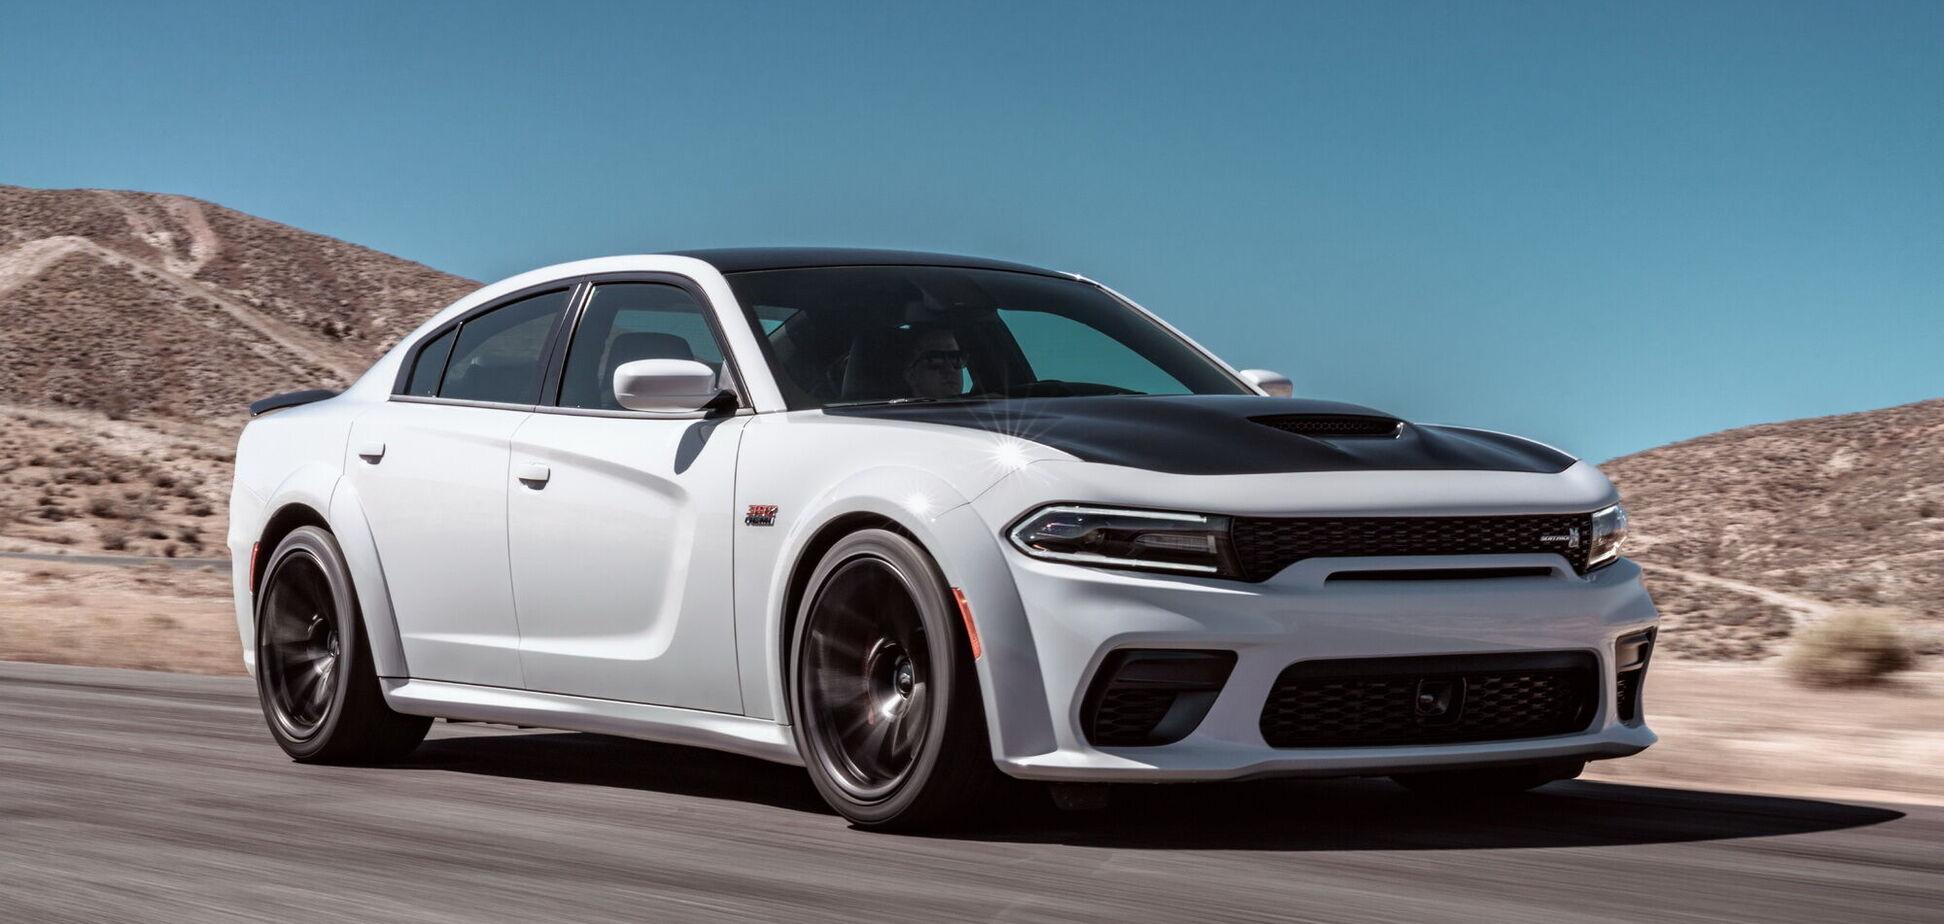 Dodge Charger попал в список самых угоняемых авто в США